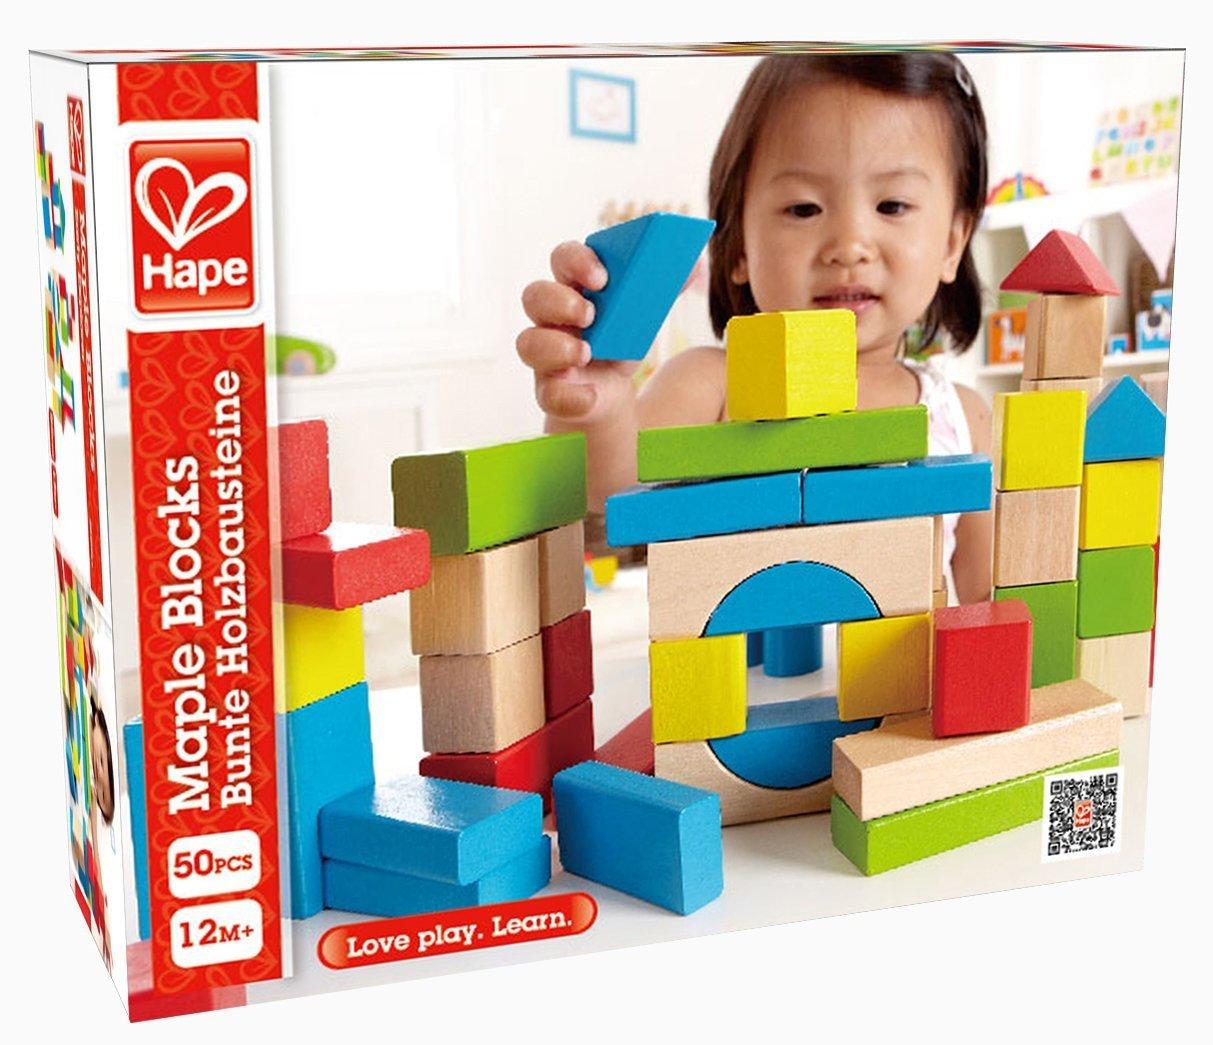 Hape: Maple Wood Blocks Set - 50pc image